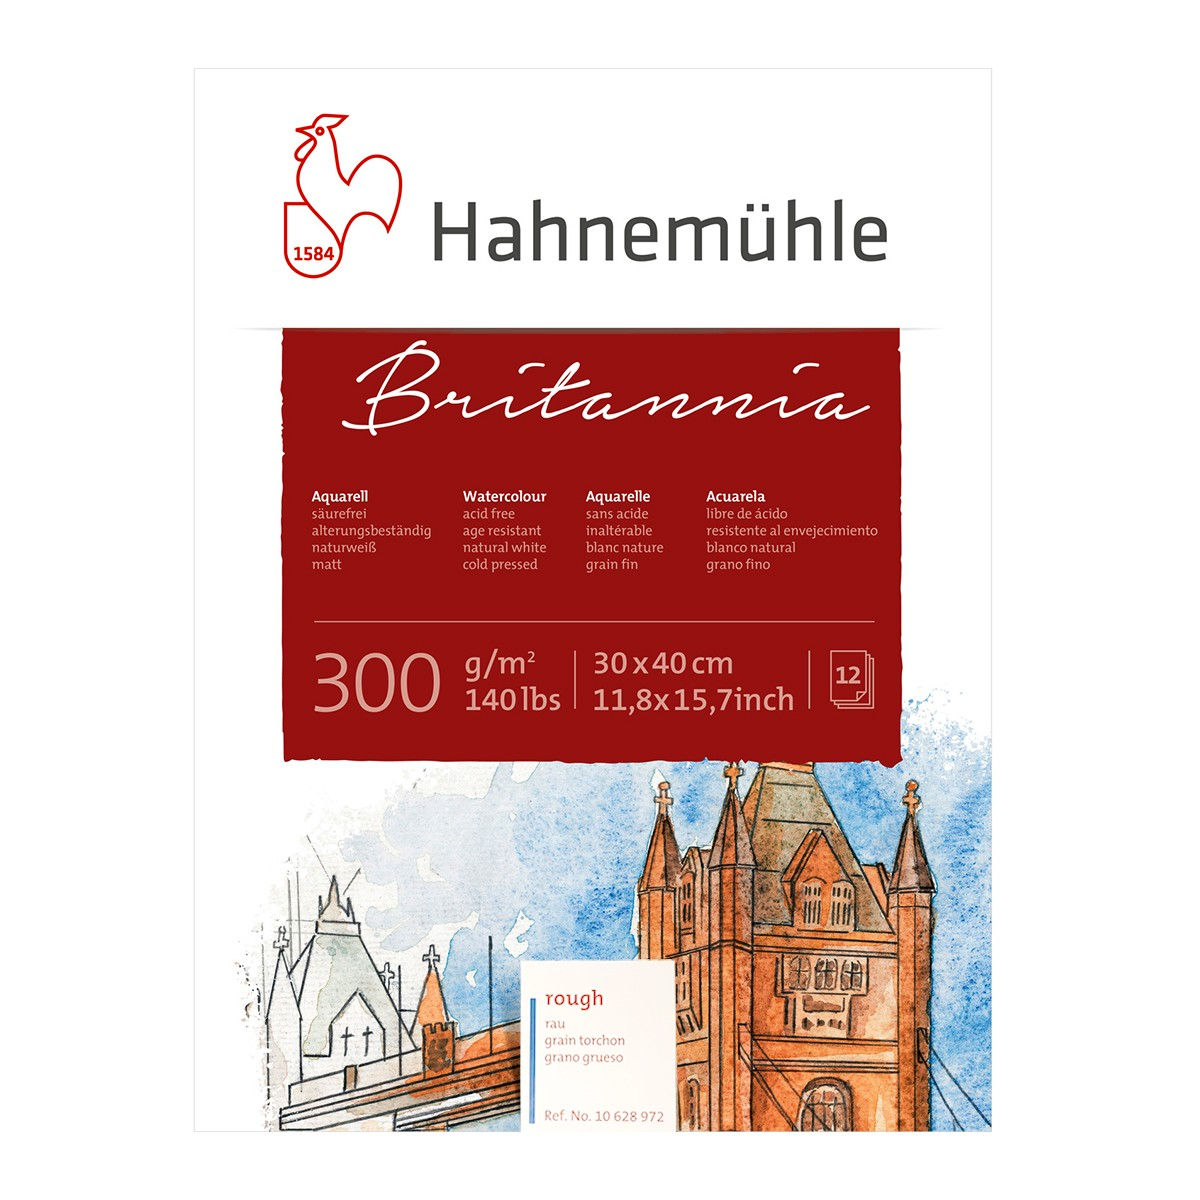 Hahnemühle Britannia Akvarel blok, Rough, 30x40cm., 300gr.